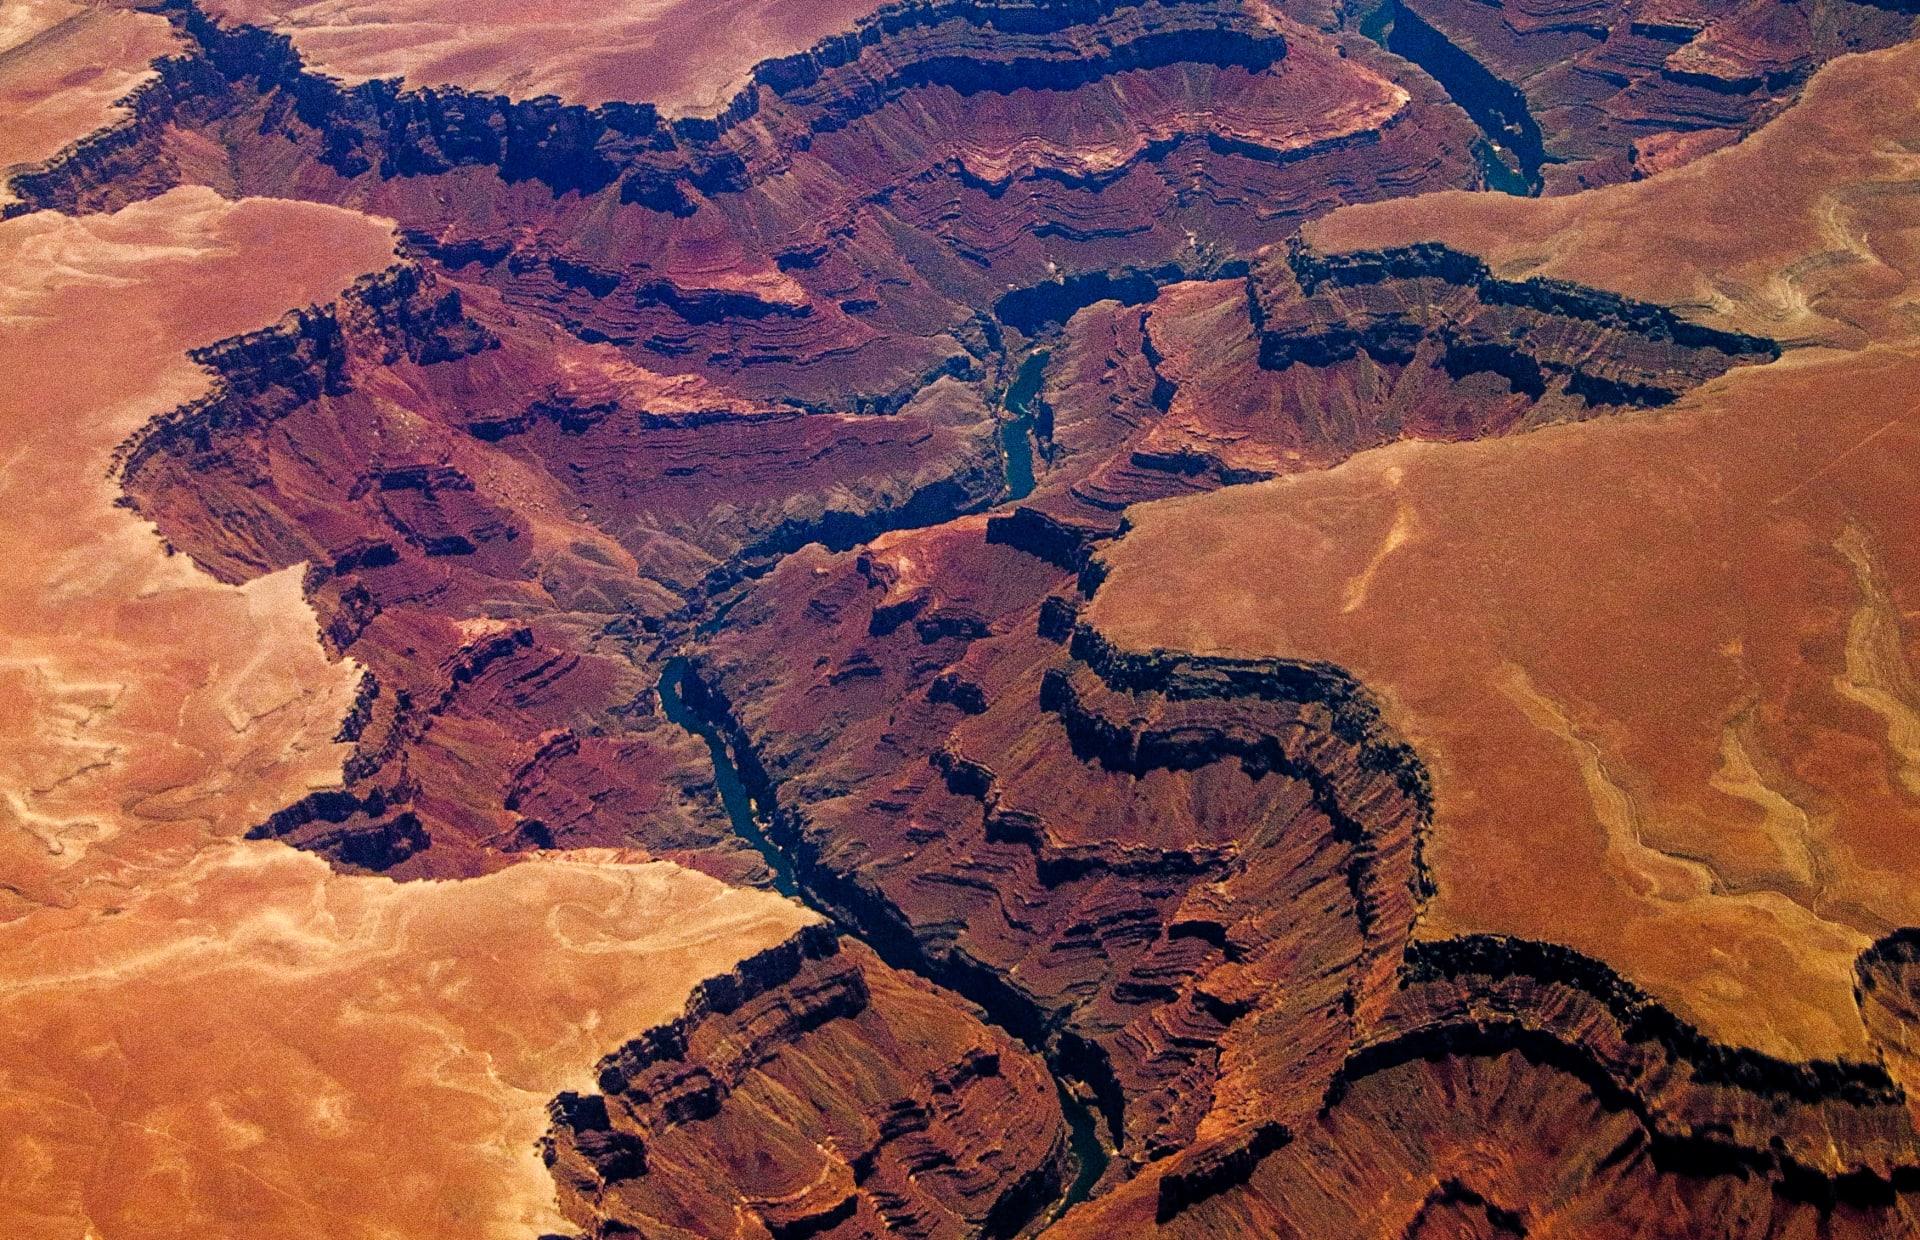 """لغز حير الجيولوجيين لـ150 عام.. قد تكشف دراسة جديدة عن السر وراء صخور """"غراند كانيون"""" المفقودة"""